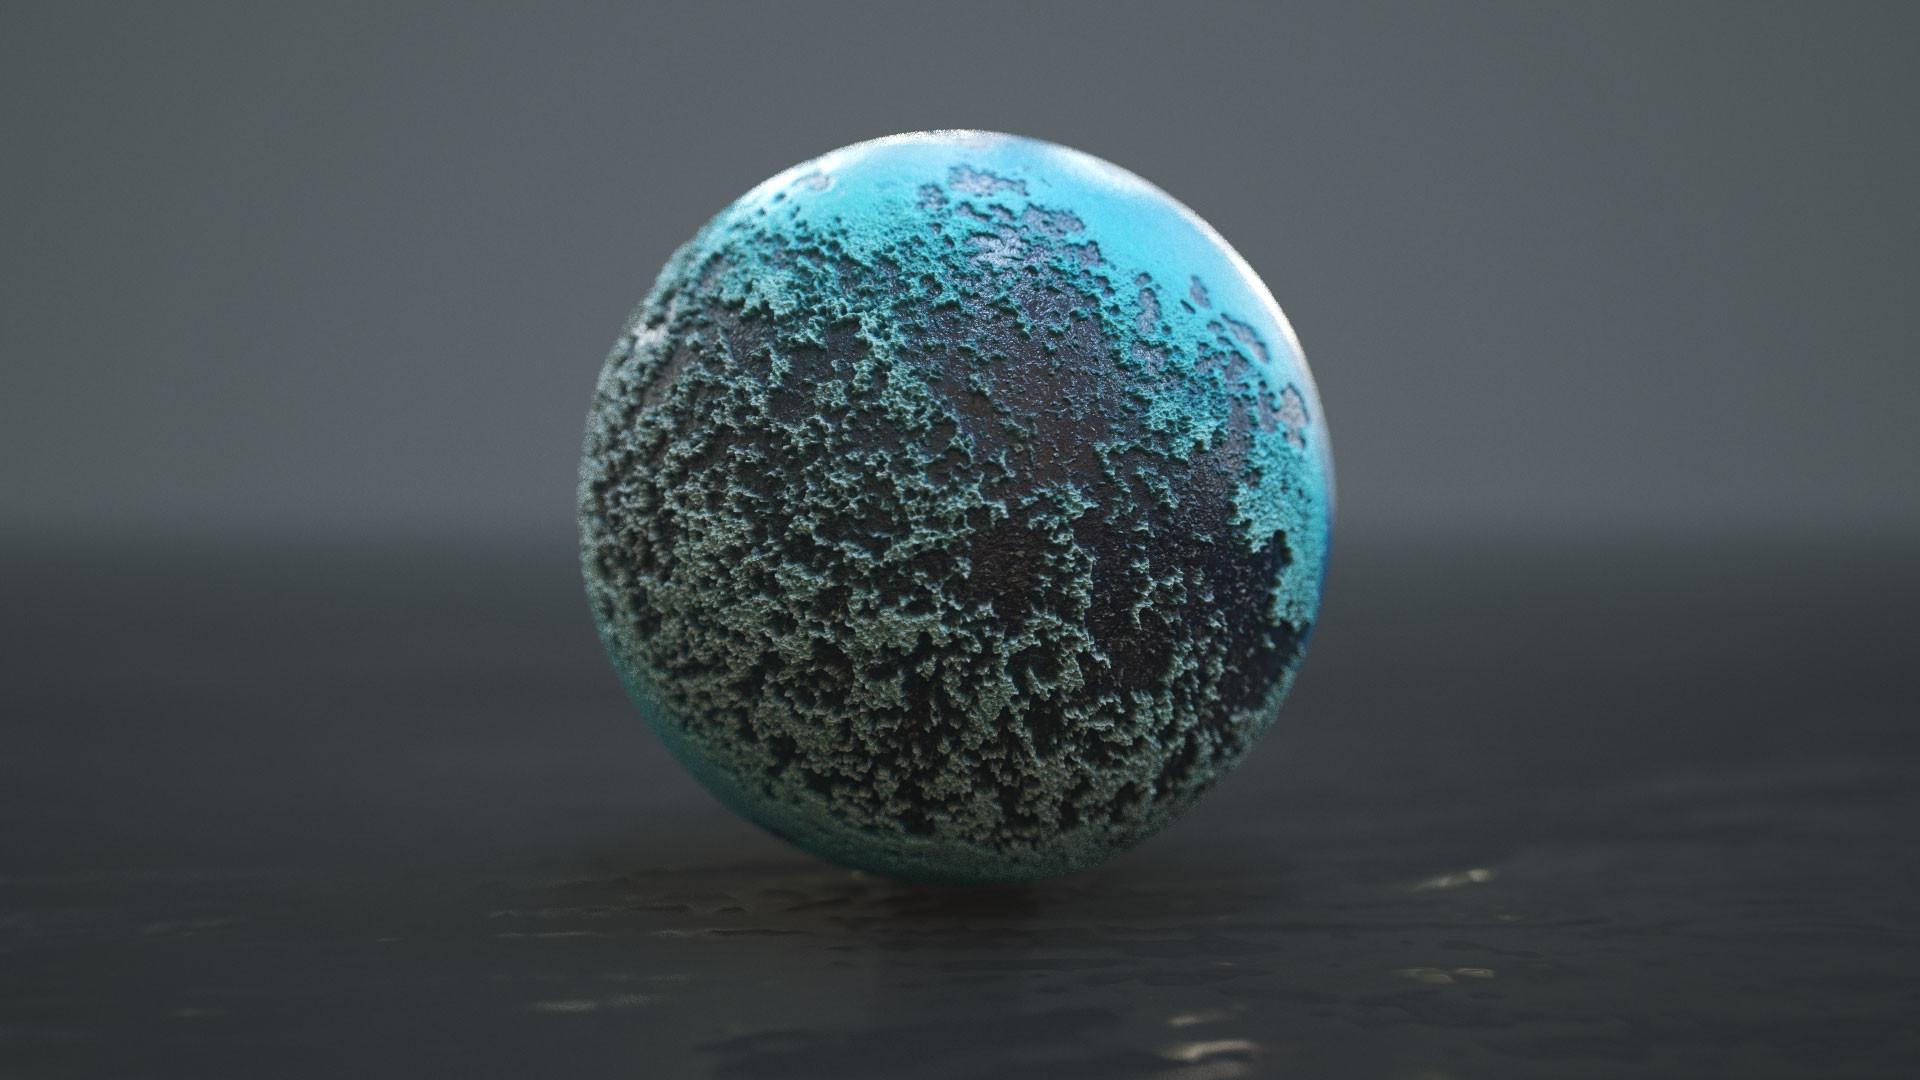 Ry cloze newworld54